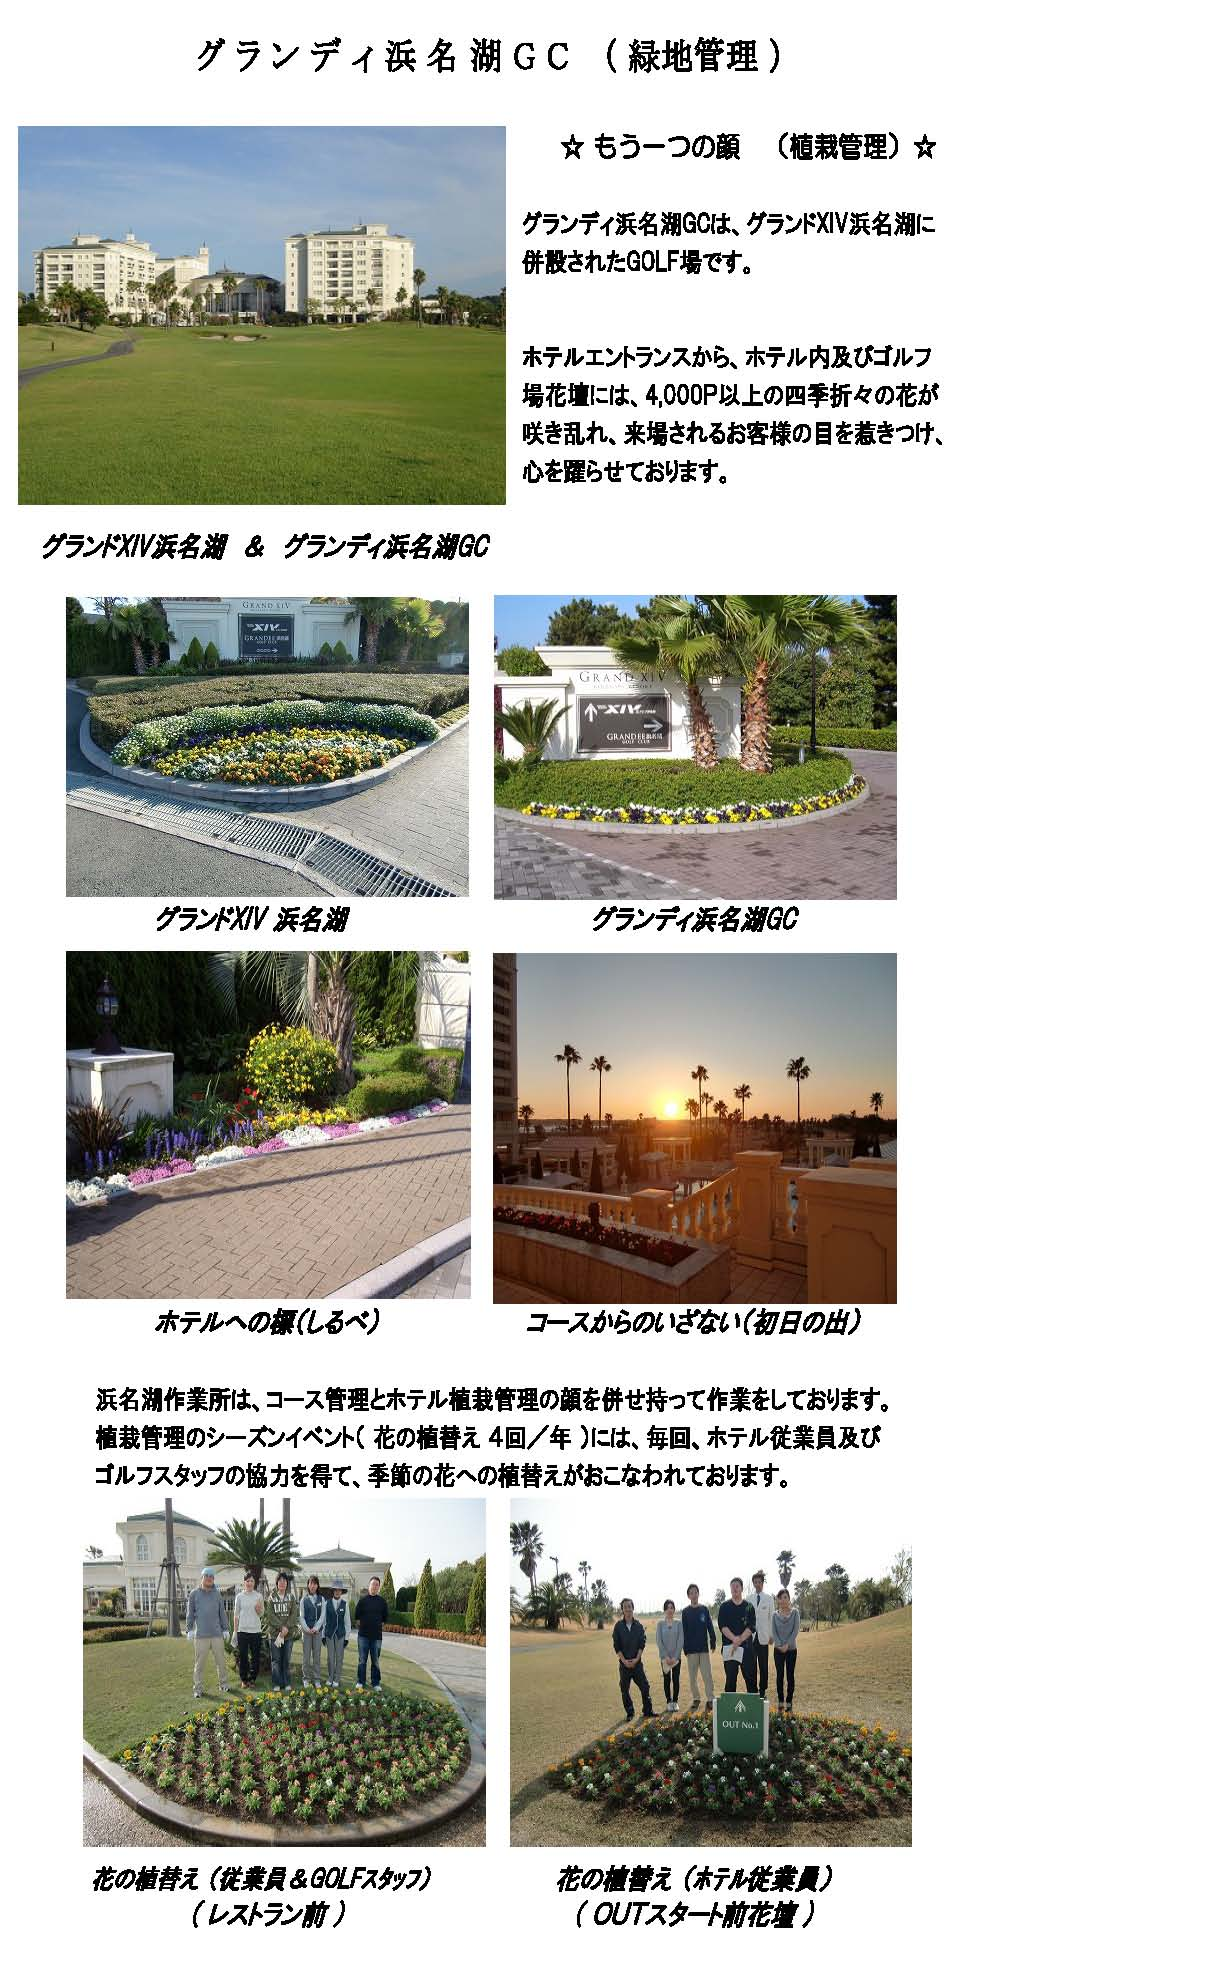 hamanako20100430